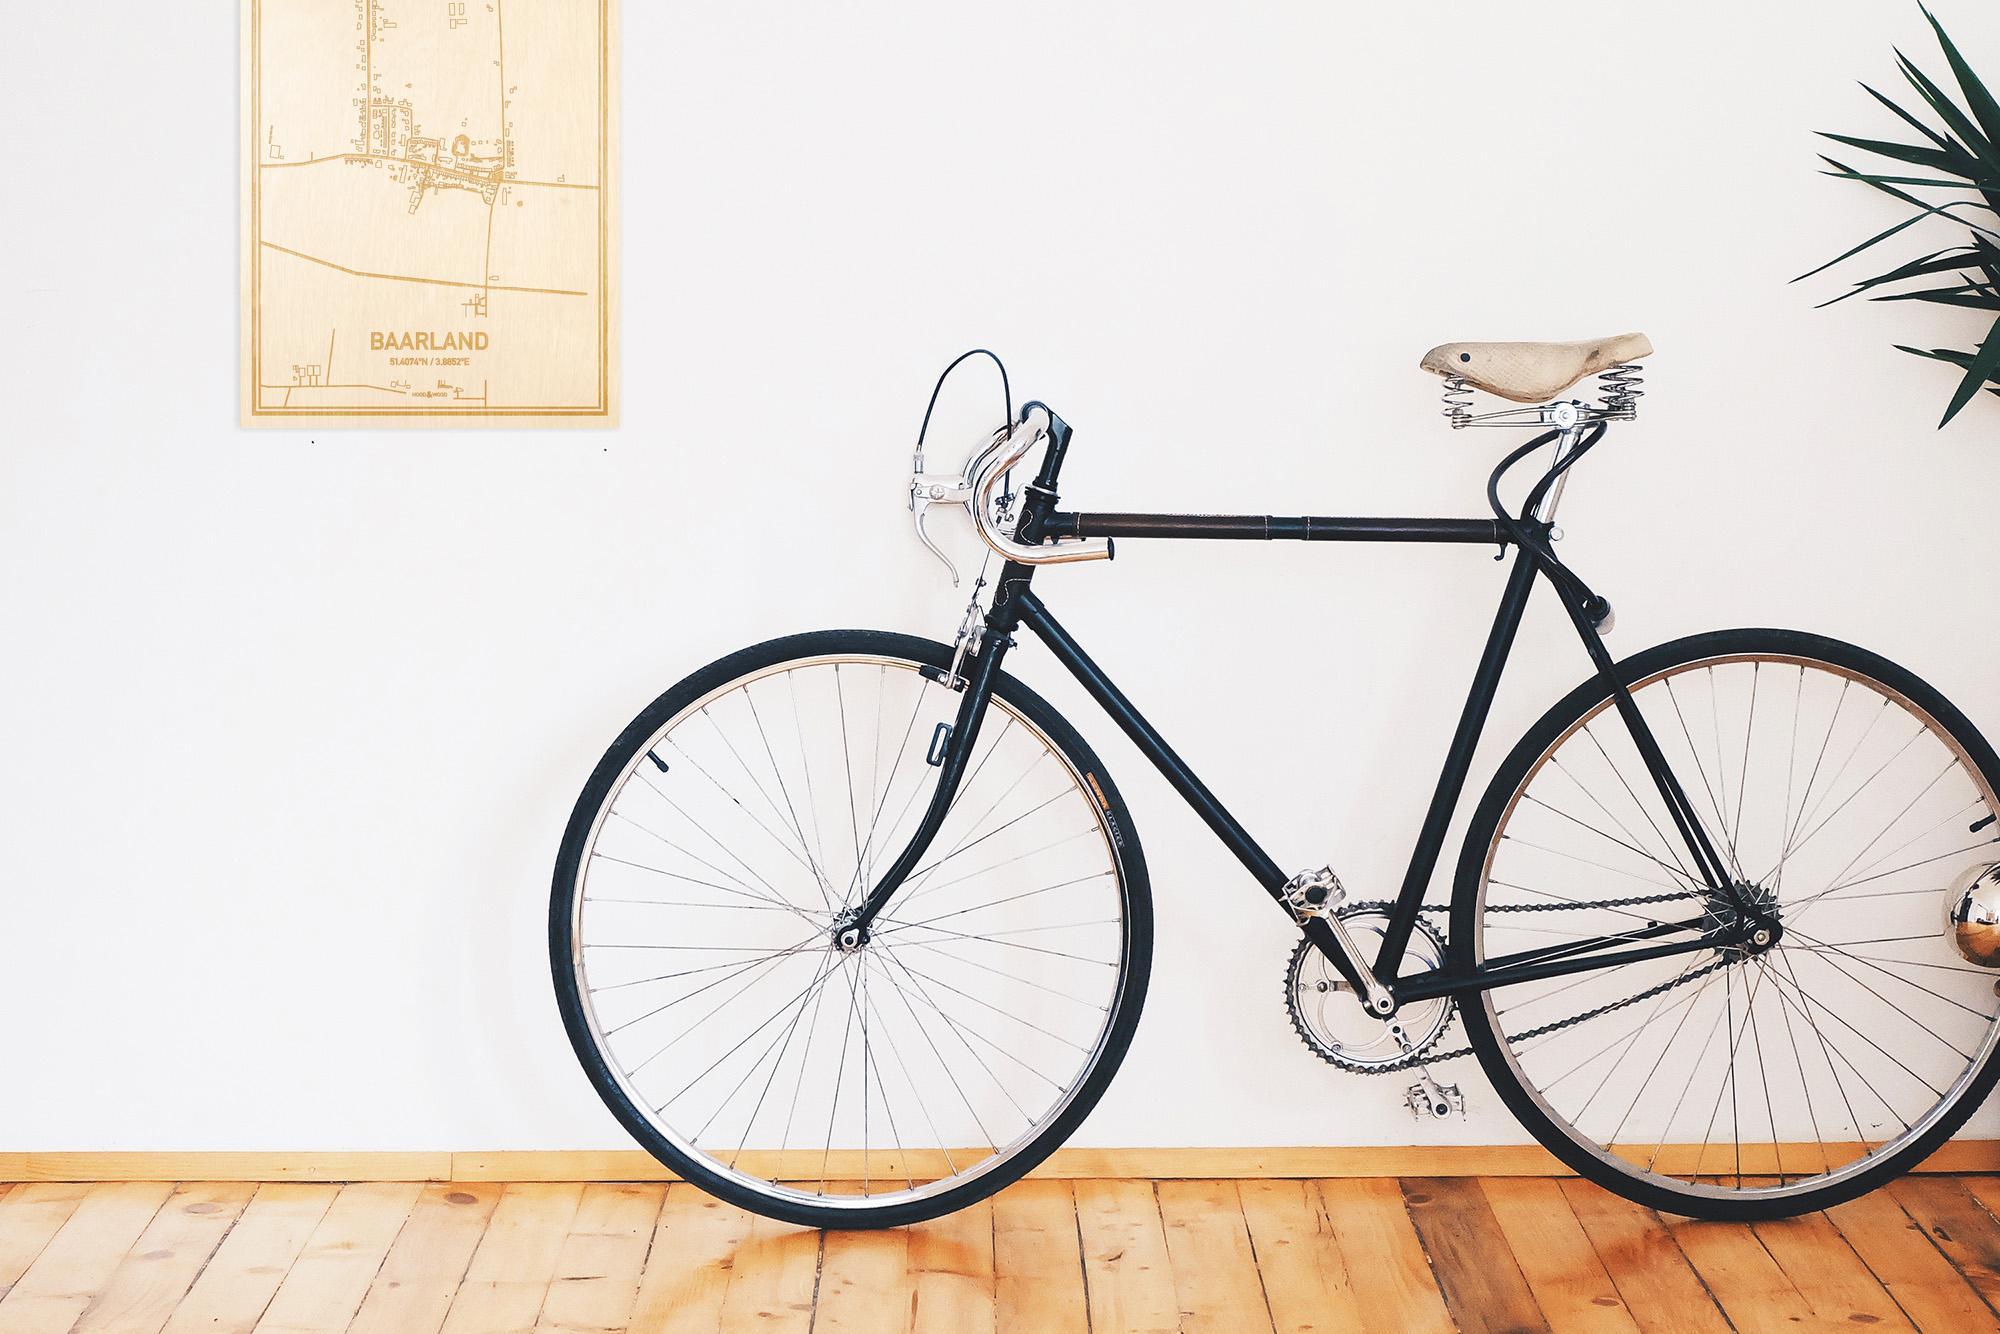 Een snelle fiets in een uniek interieur in Zeeland met mooie decoratie zoals de plattegrond Baarland.